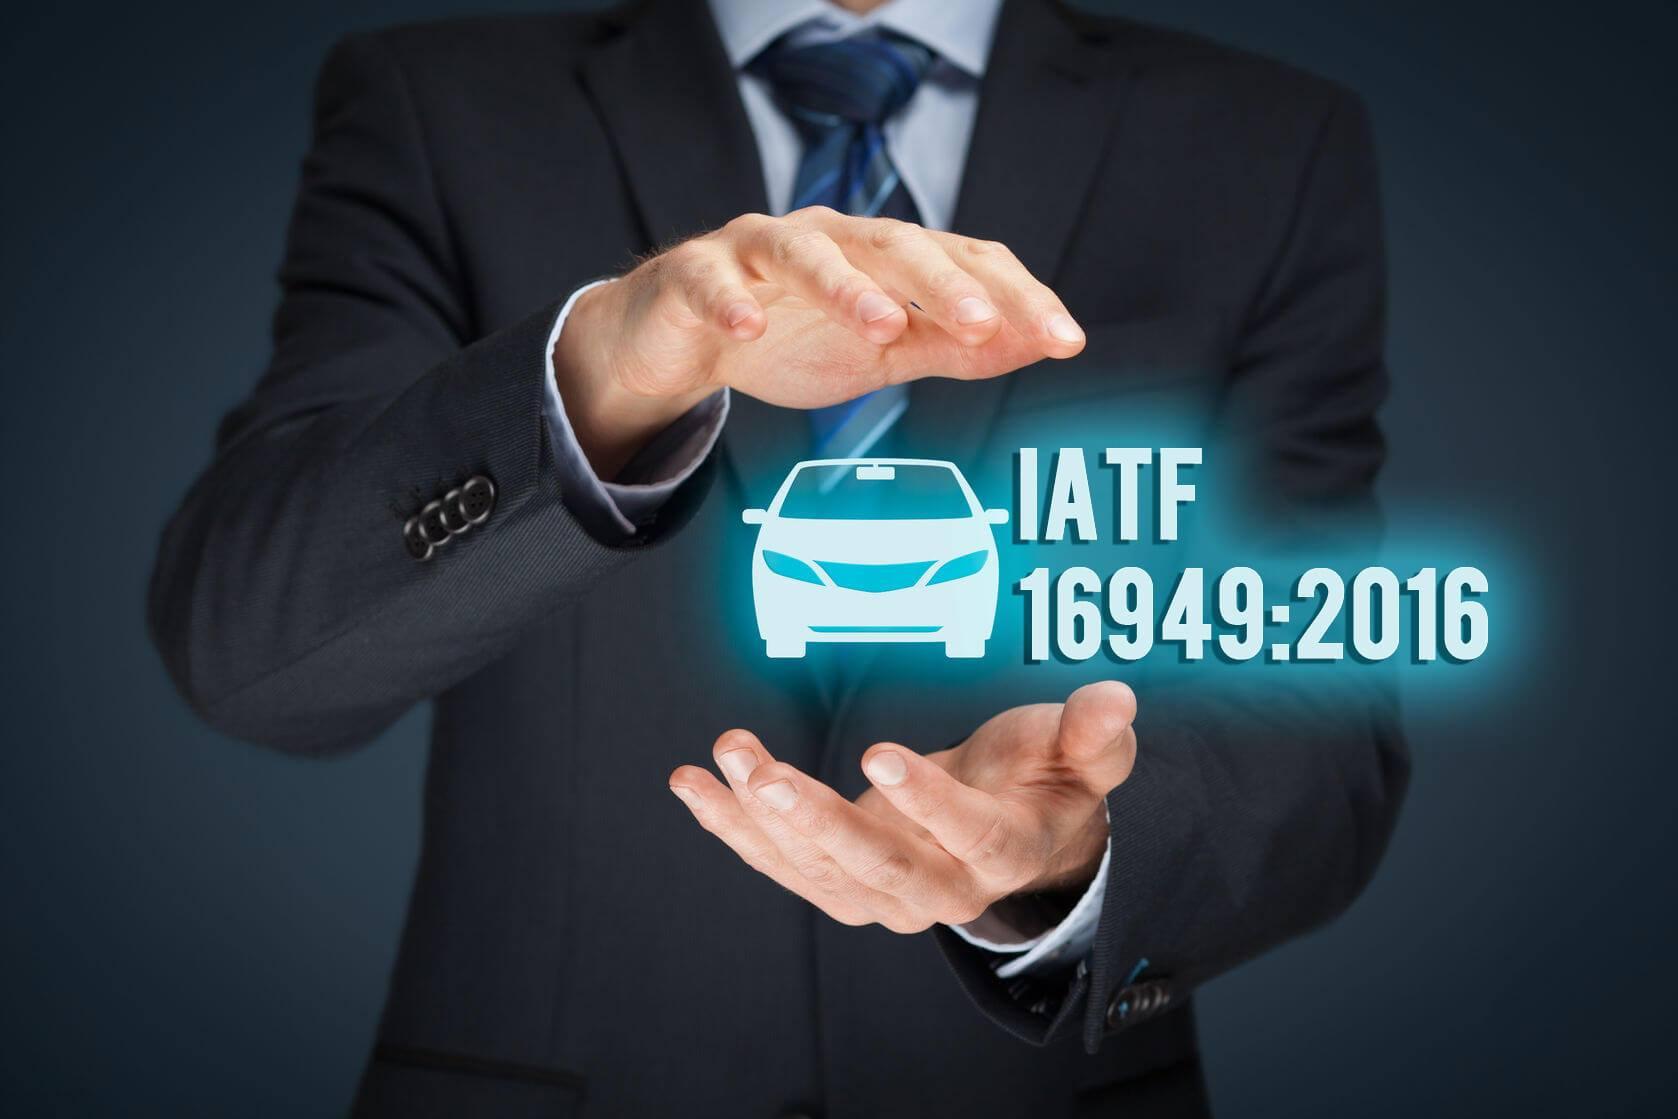 IATF 16949, UNA RESPUESTA A LOS RETOS DE LA INDUSTRIA AUTOMOTRIZ